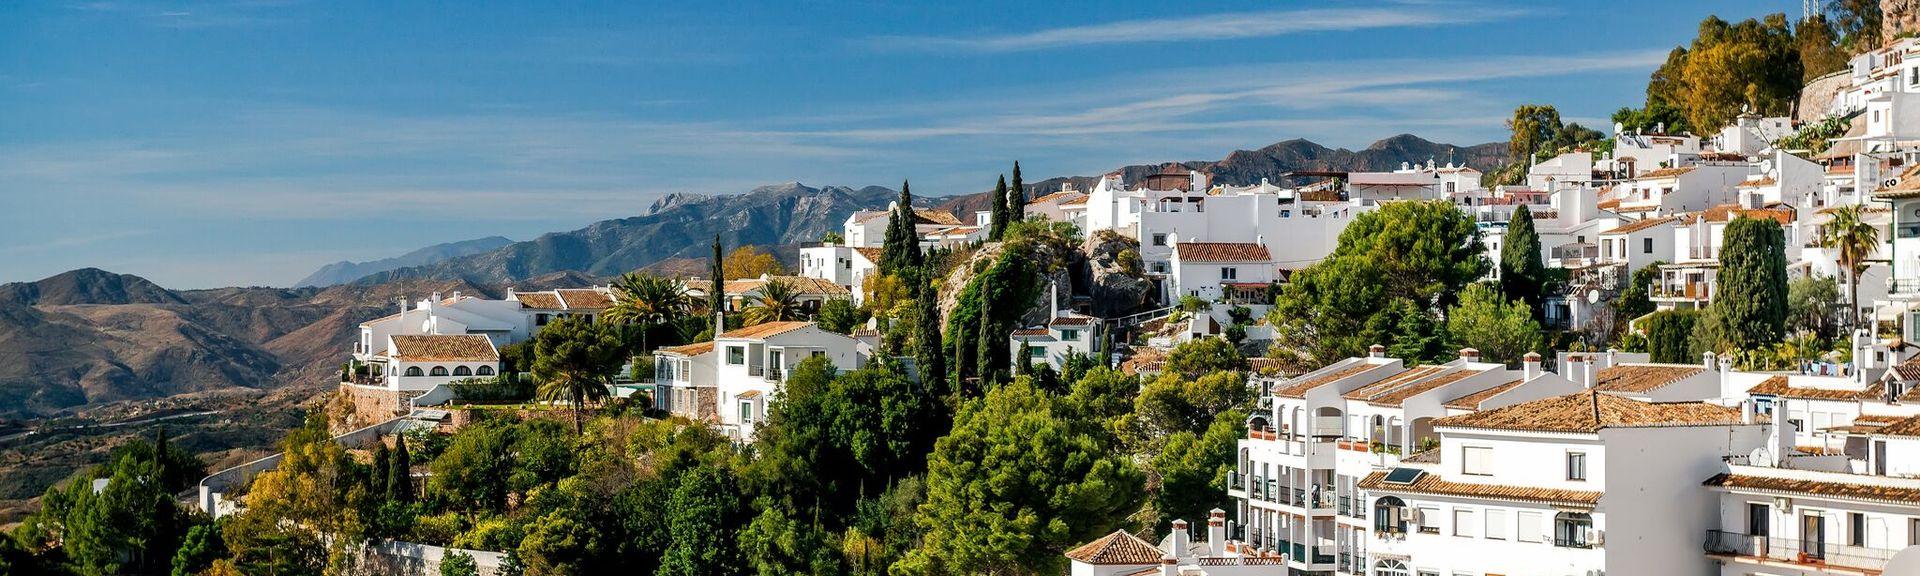 Mijas, Andalousie, Espagne